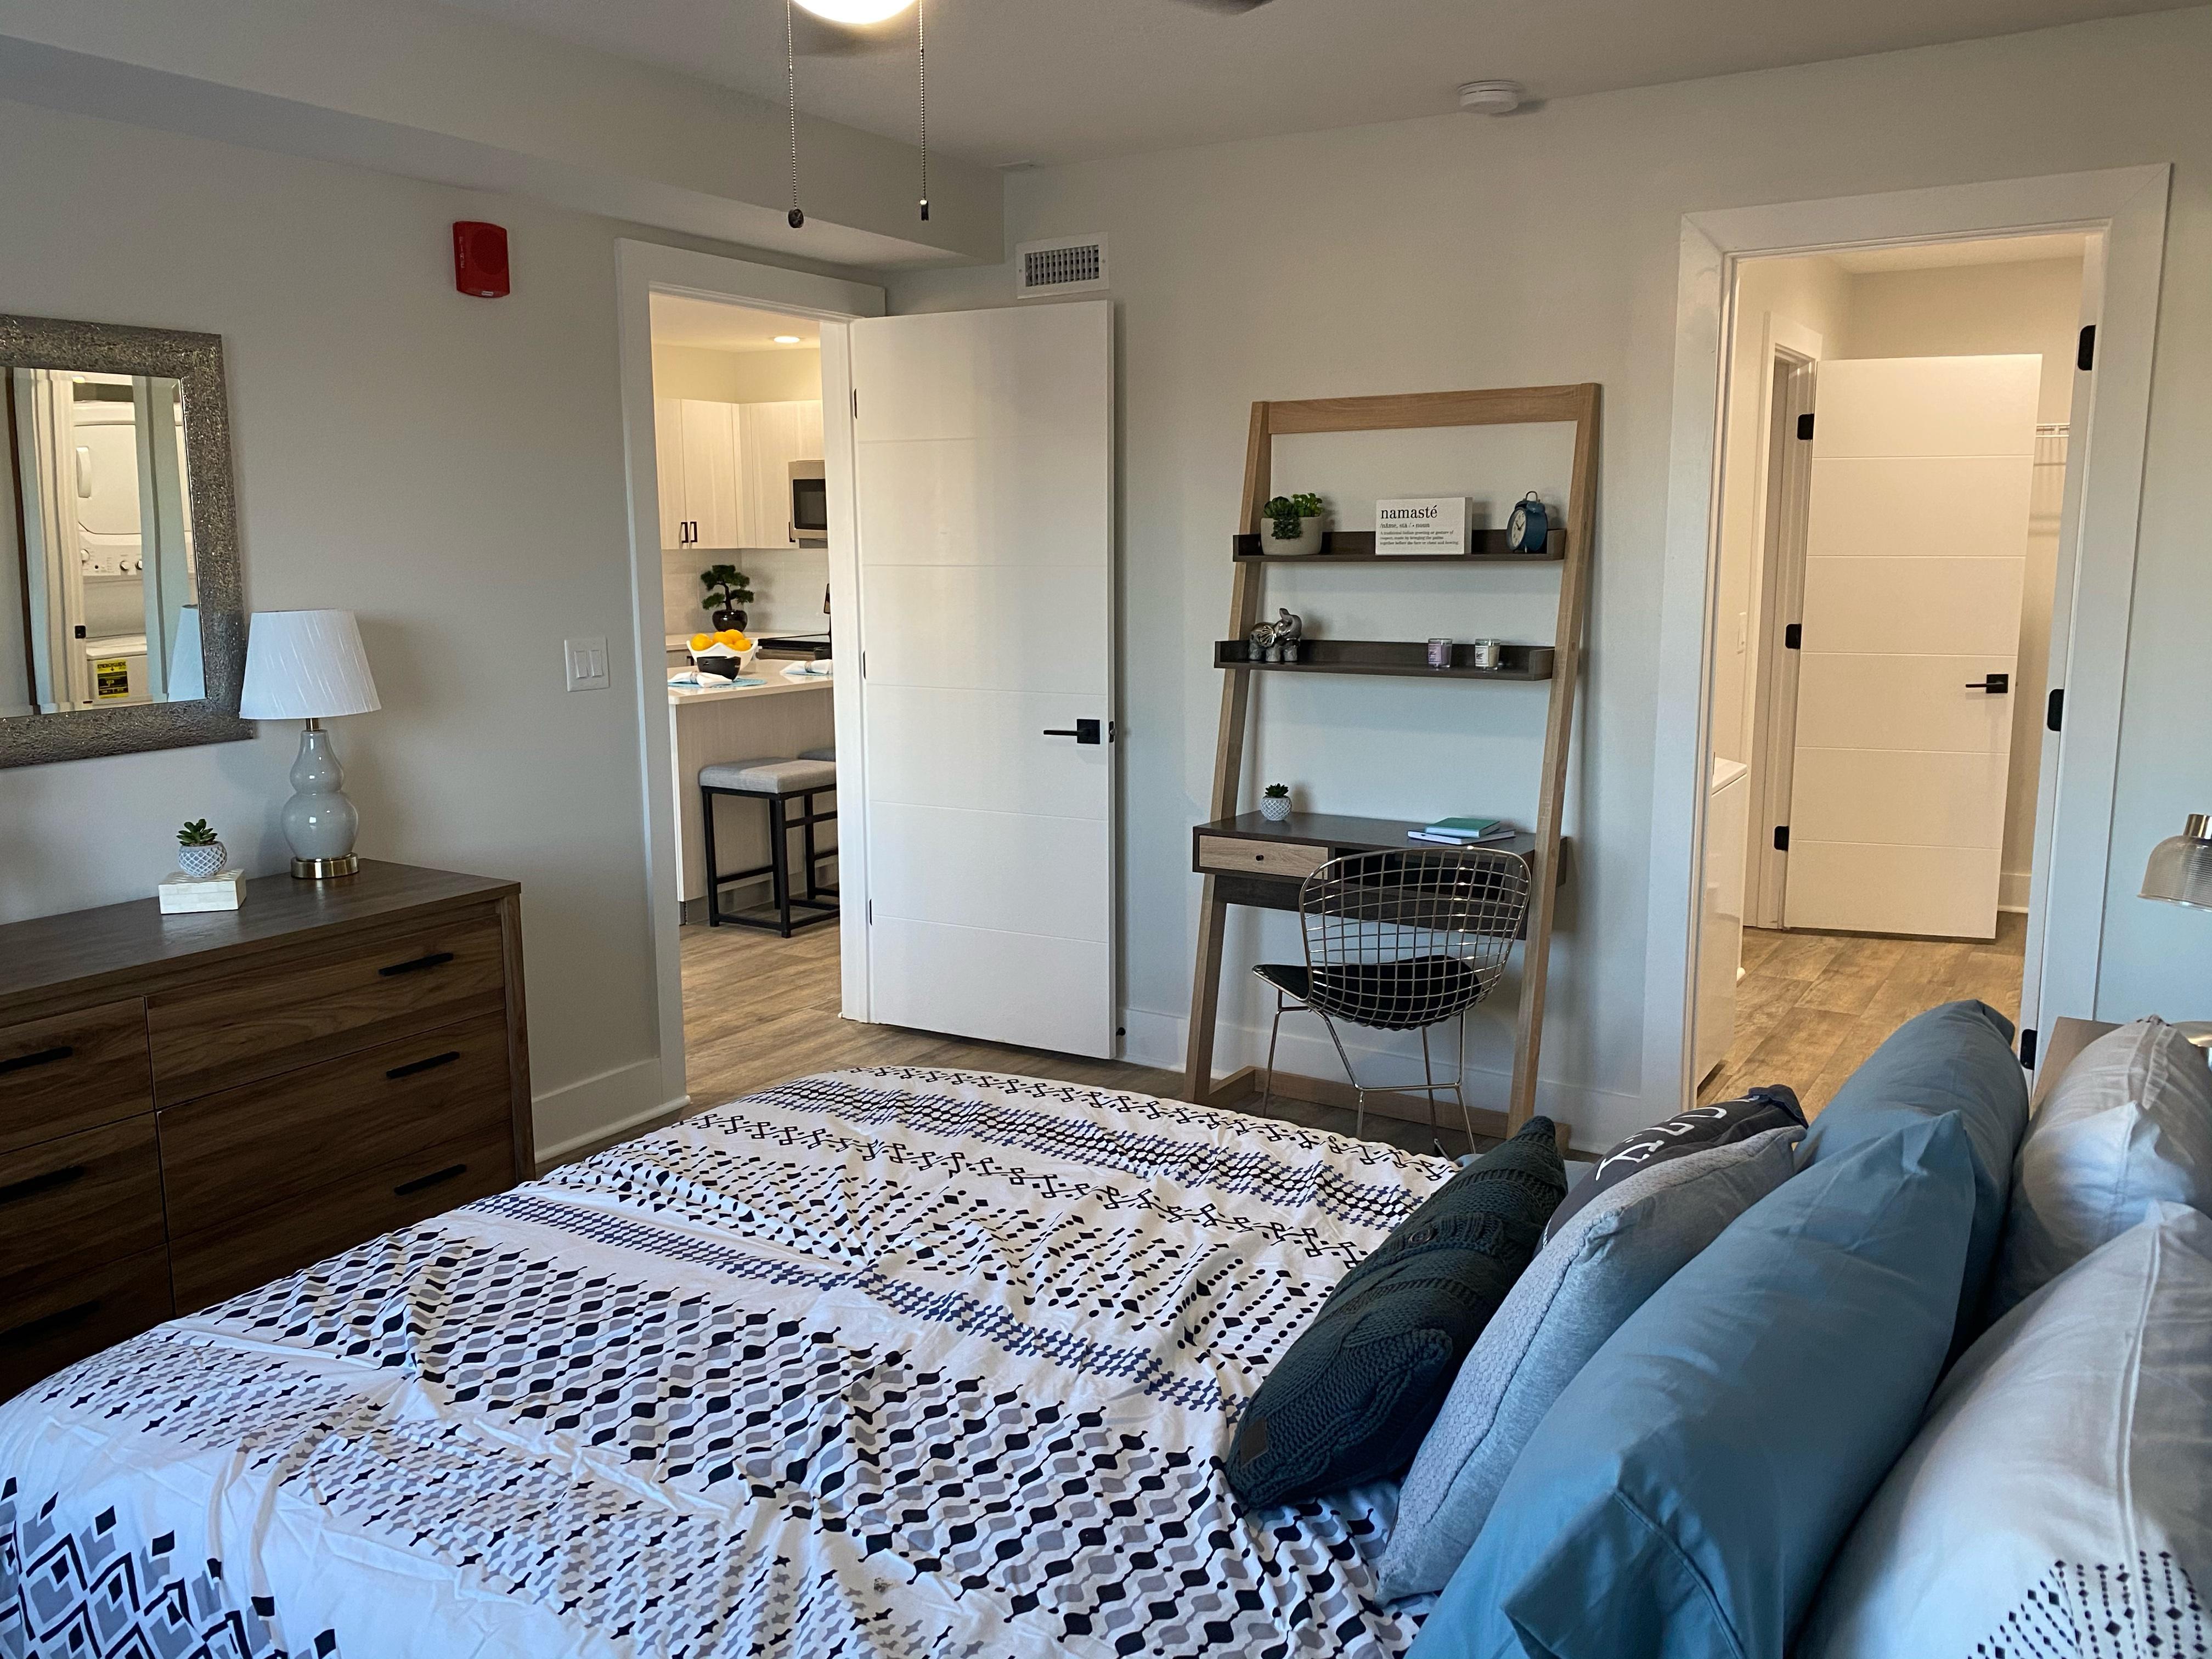 4 - Bedroom other corner